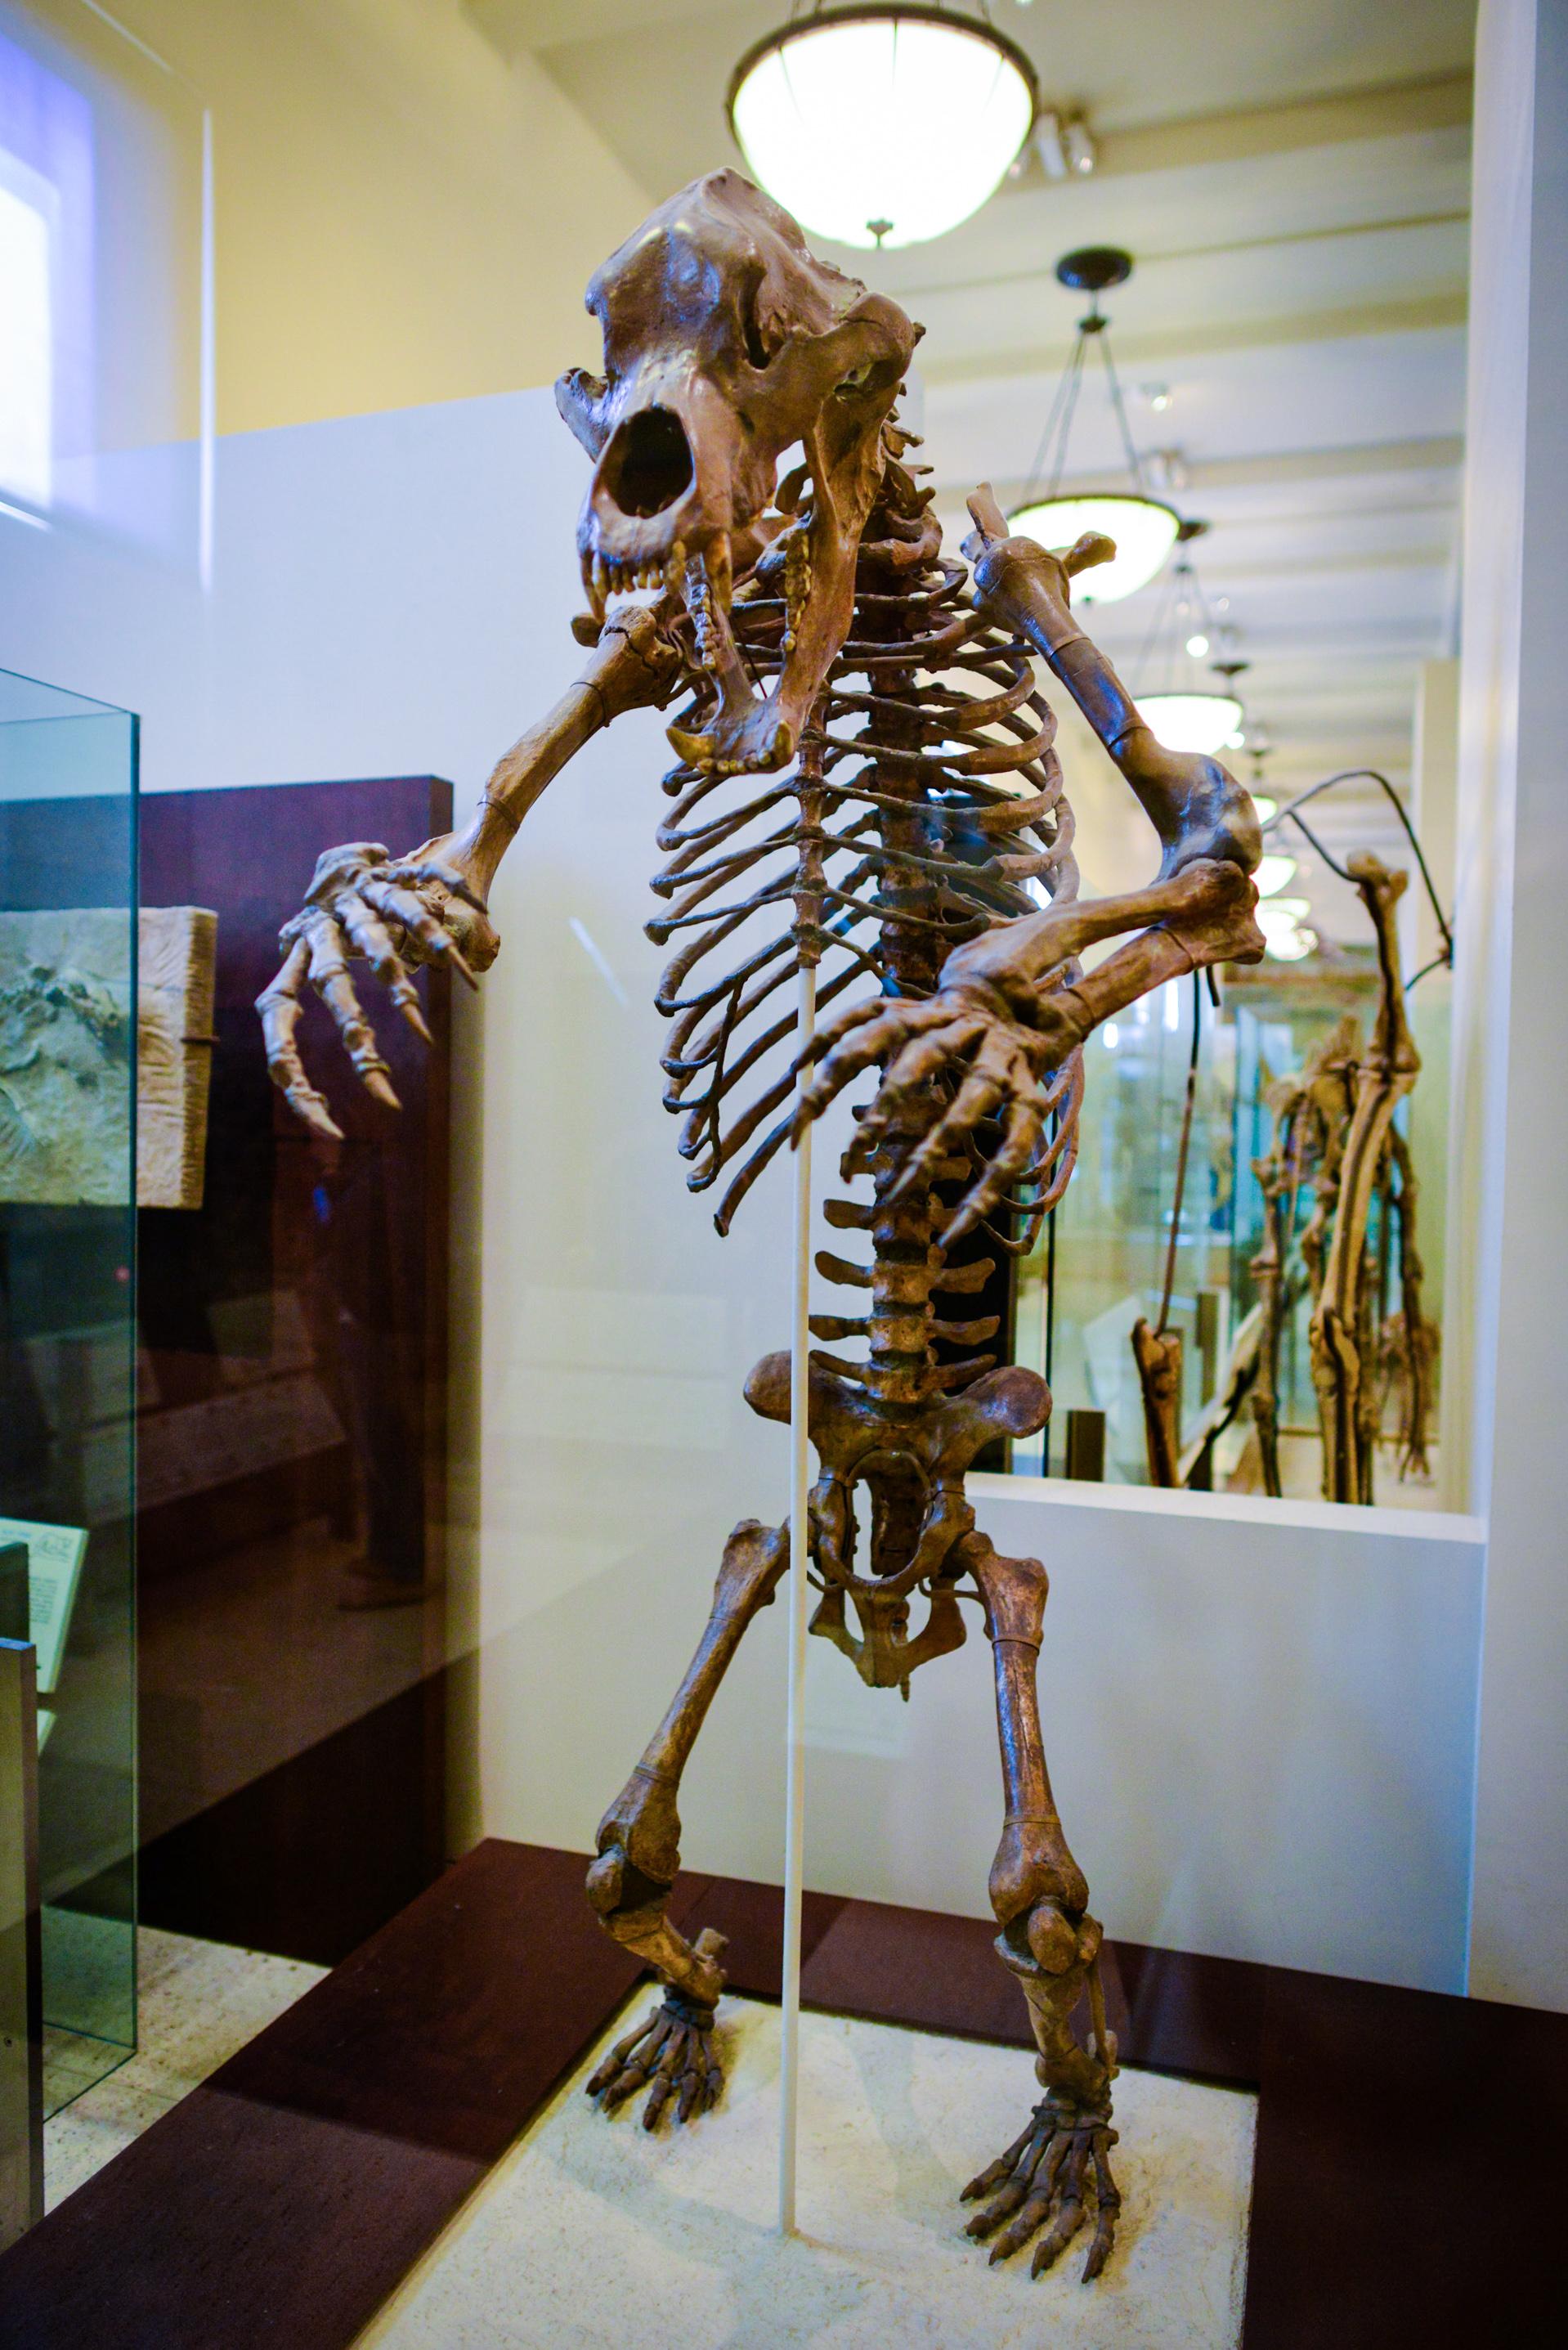 barlangi_medve_csontvaza_american_museum_of_natural_history.jpg